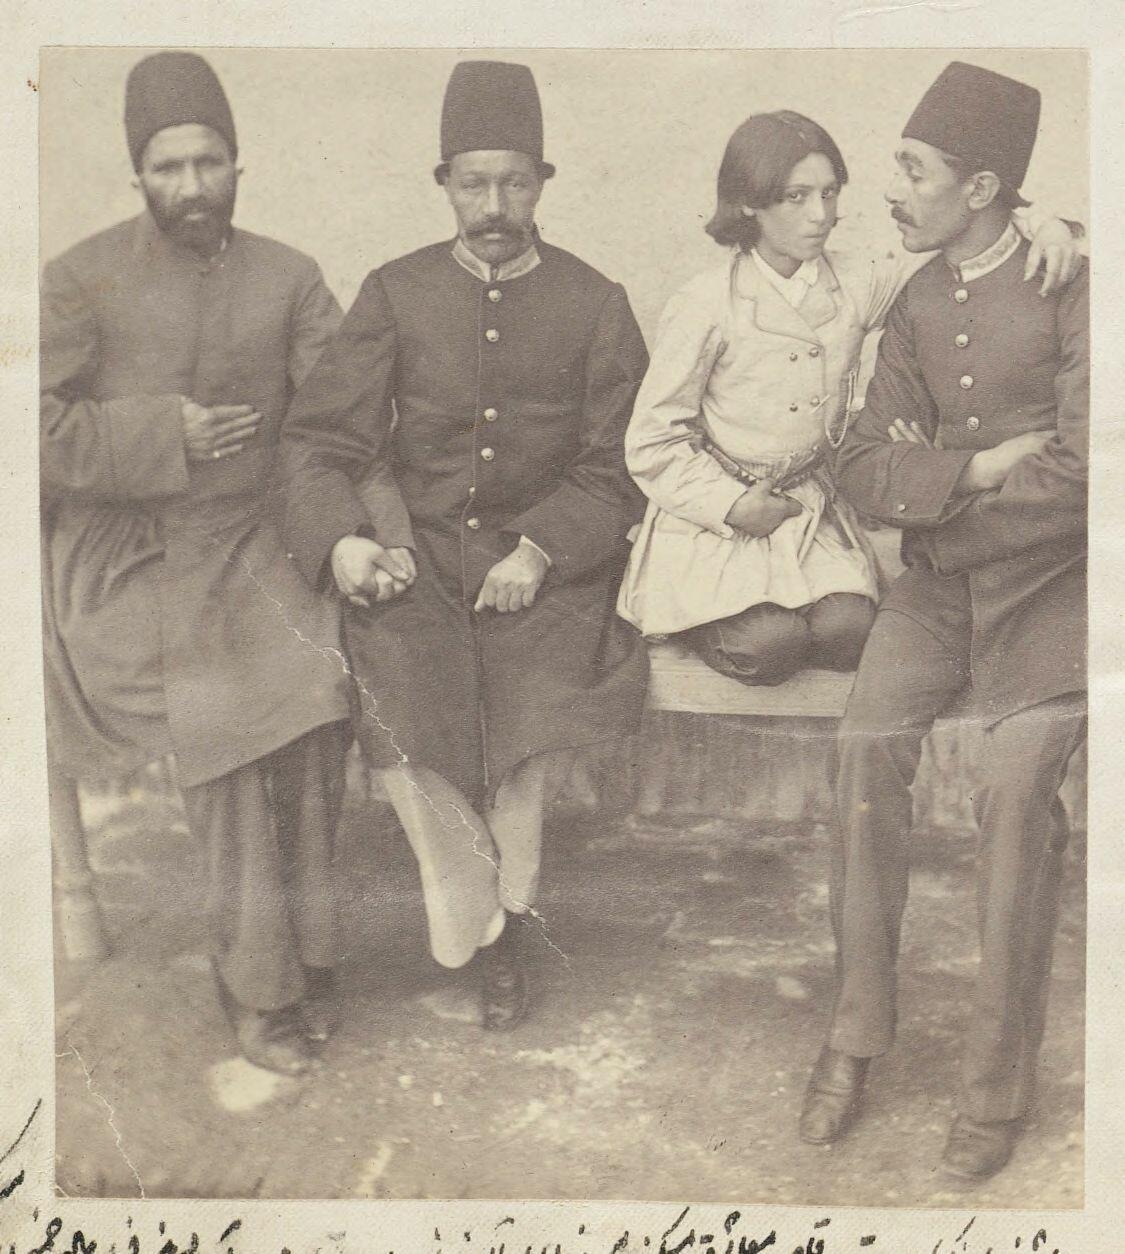 Полковник Наки Хан флиртует с танцовщицей Теймурой, Мирза Асад Аллах и Абу аль-Касим Хан смотрят с завистью